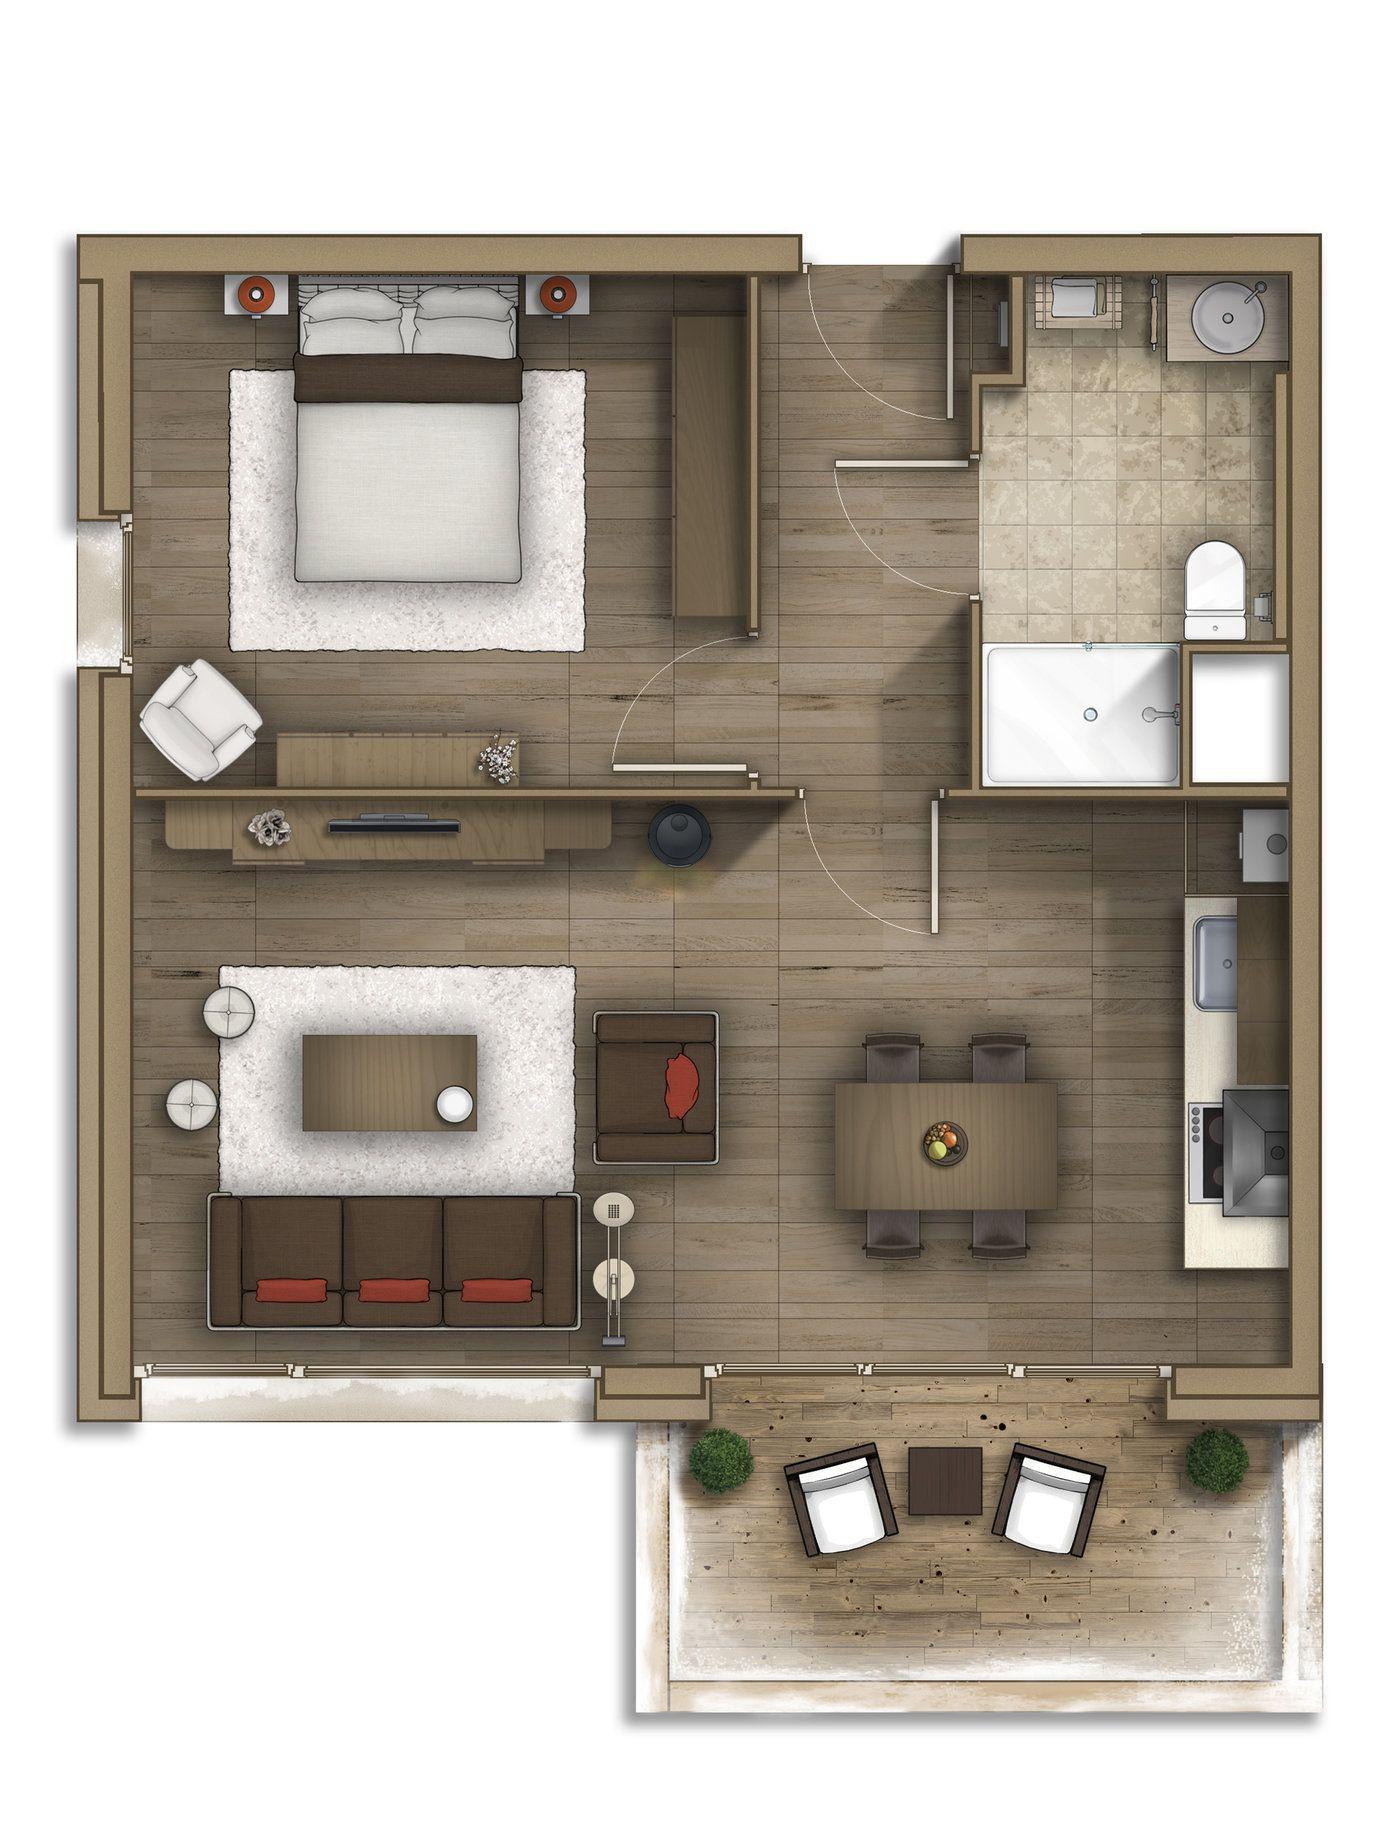 Floor Plan Rendering 29 By Alberto Talens Fernández At